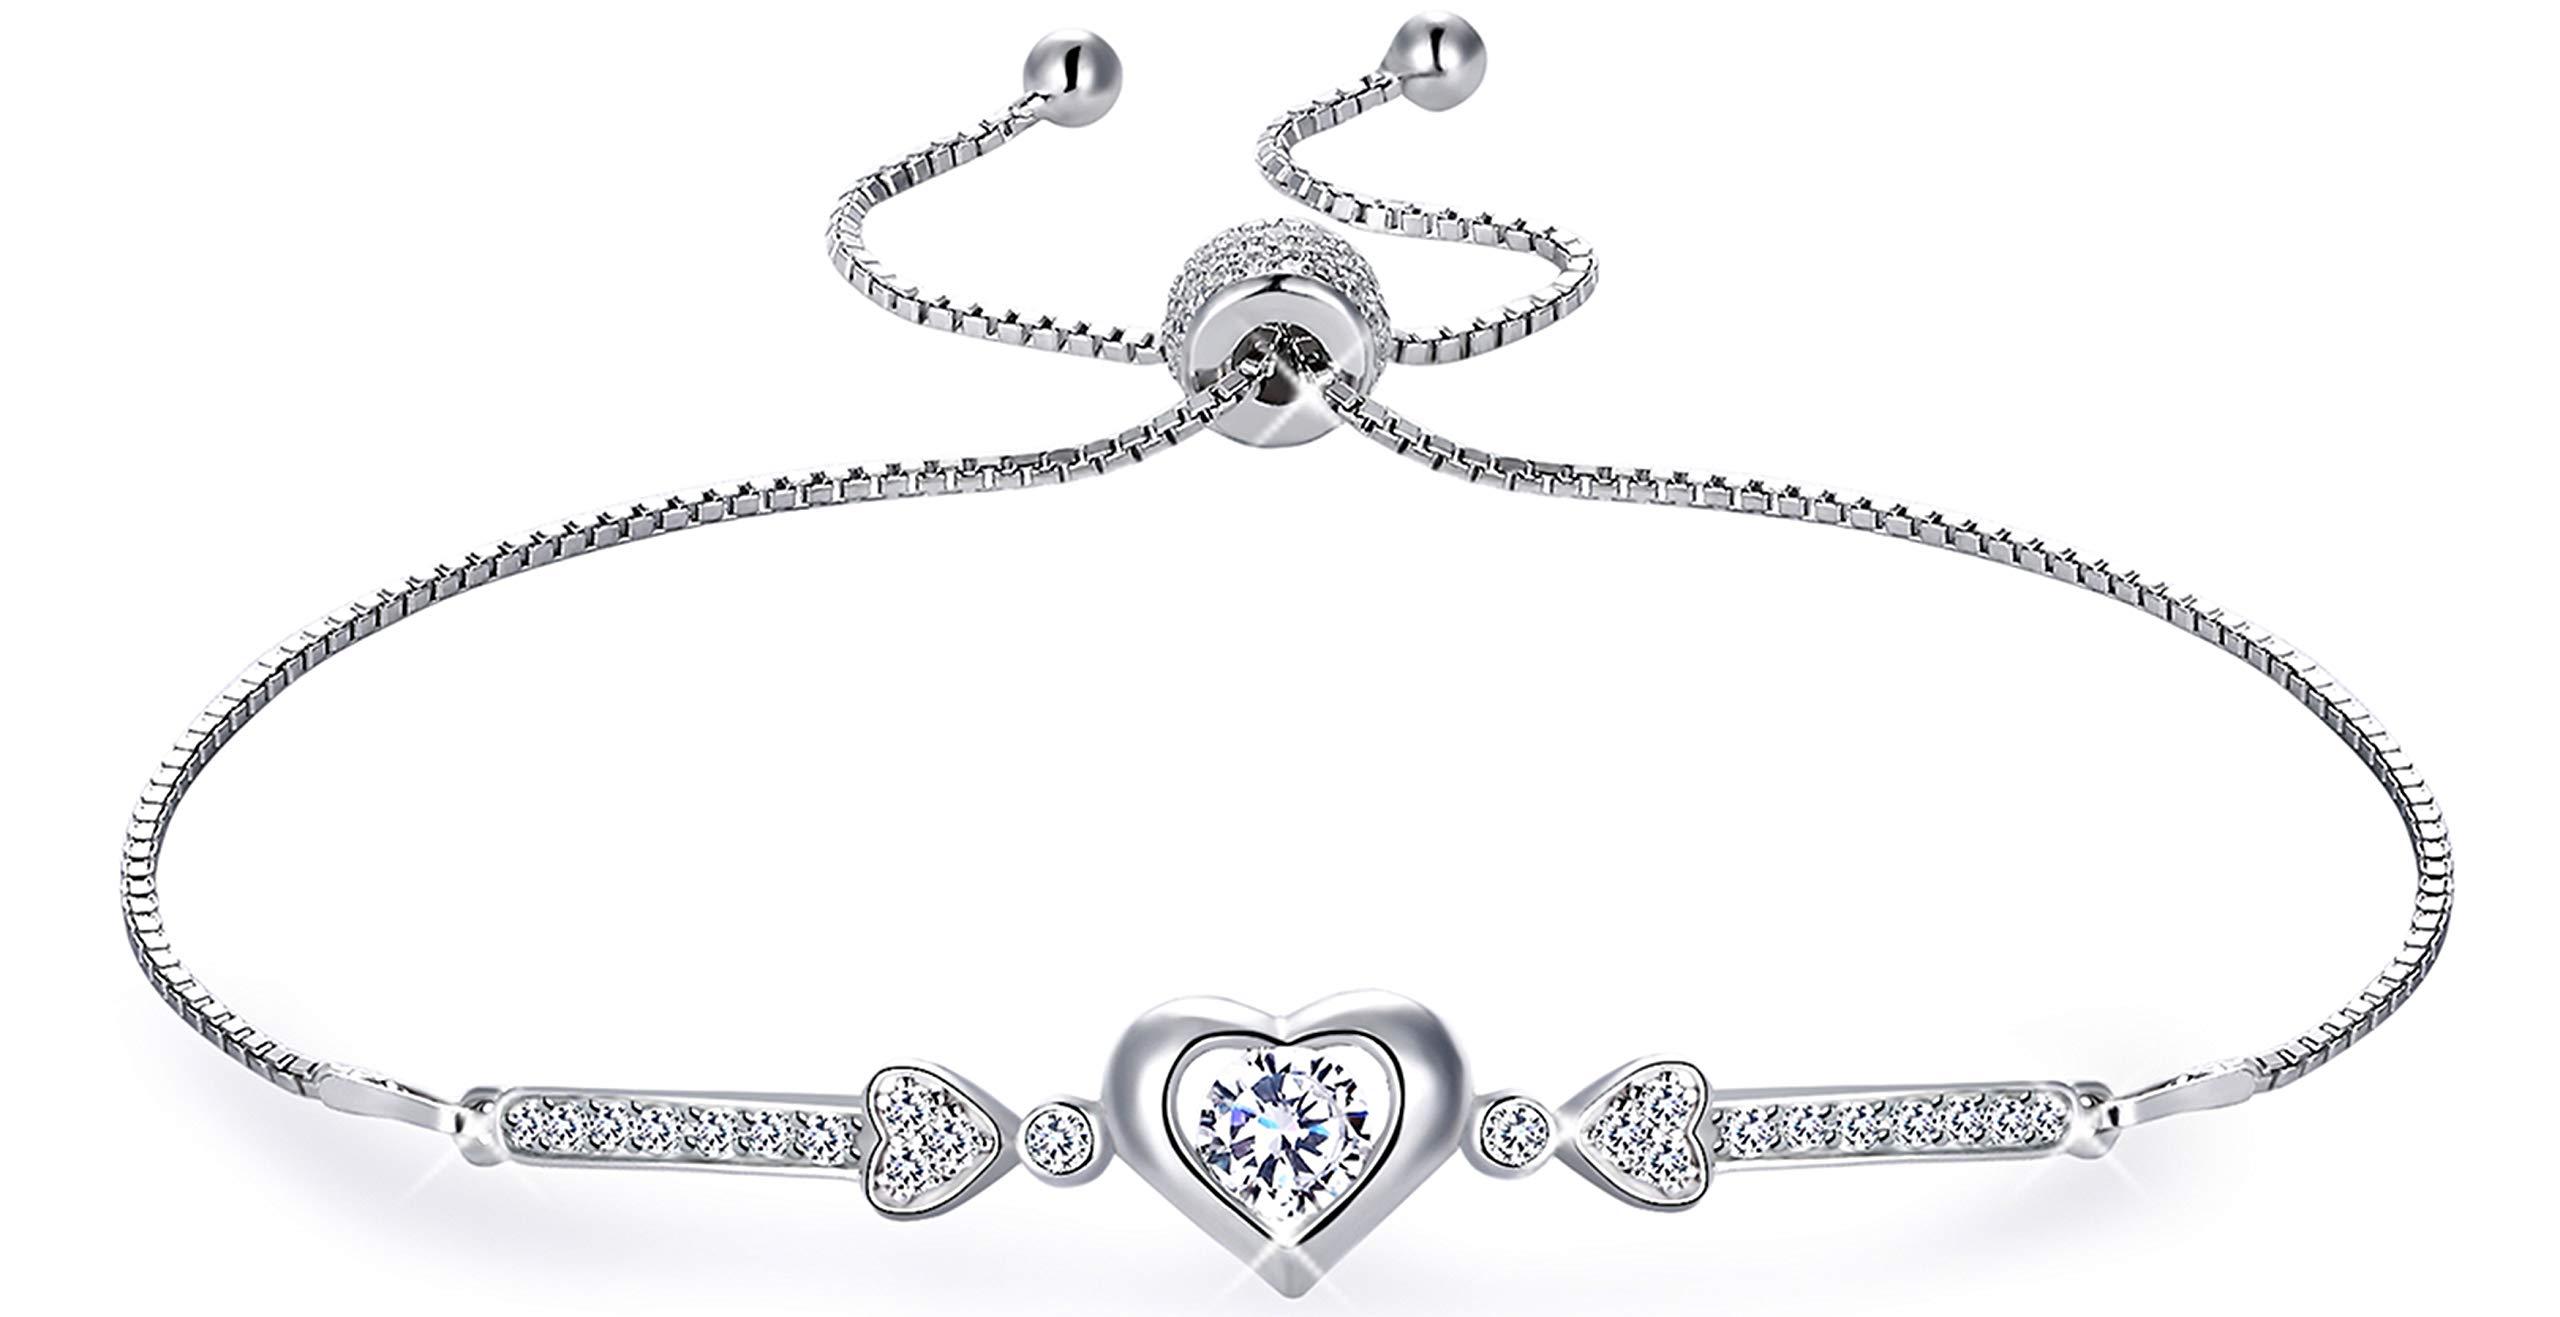 MUATOGIML 925 Sterling Silver Adjustable Love Heart of Cupid's Arrow Charm Bracelet for Women Girl